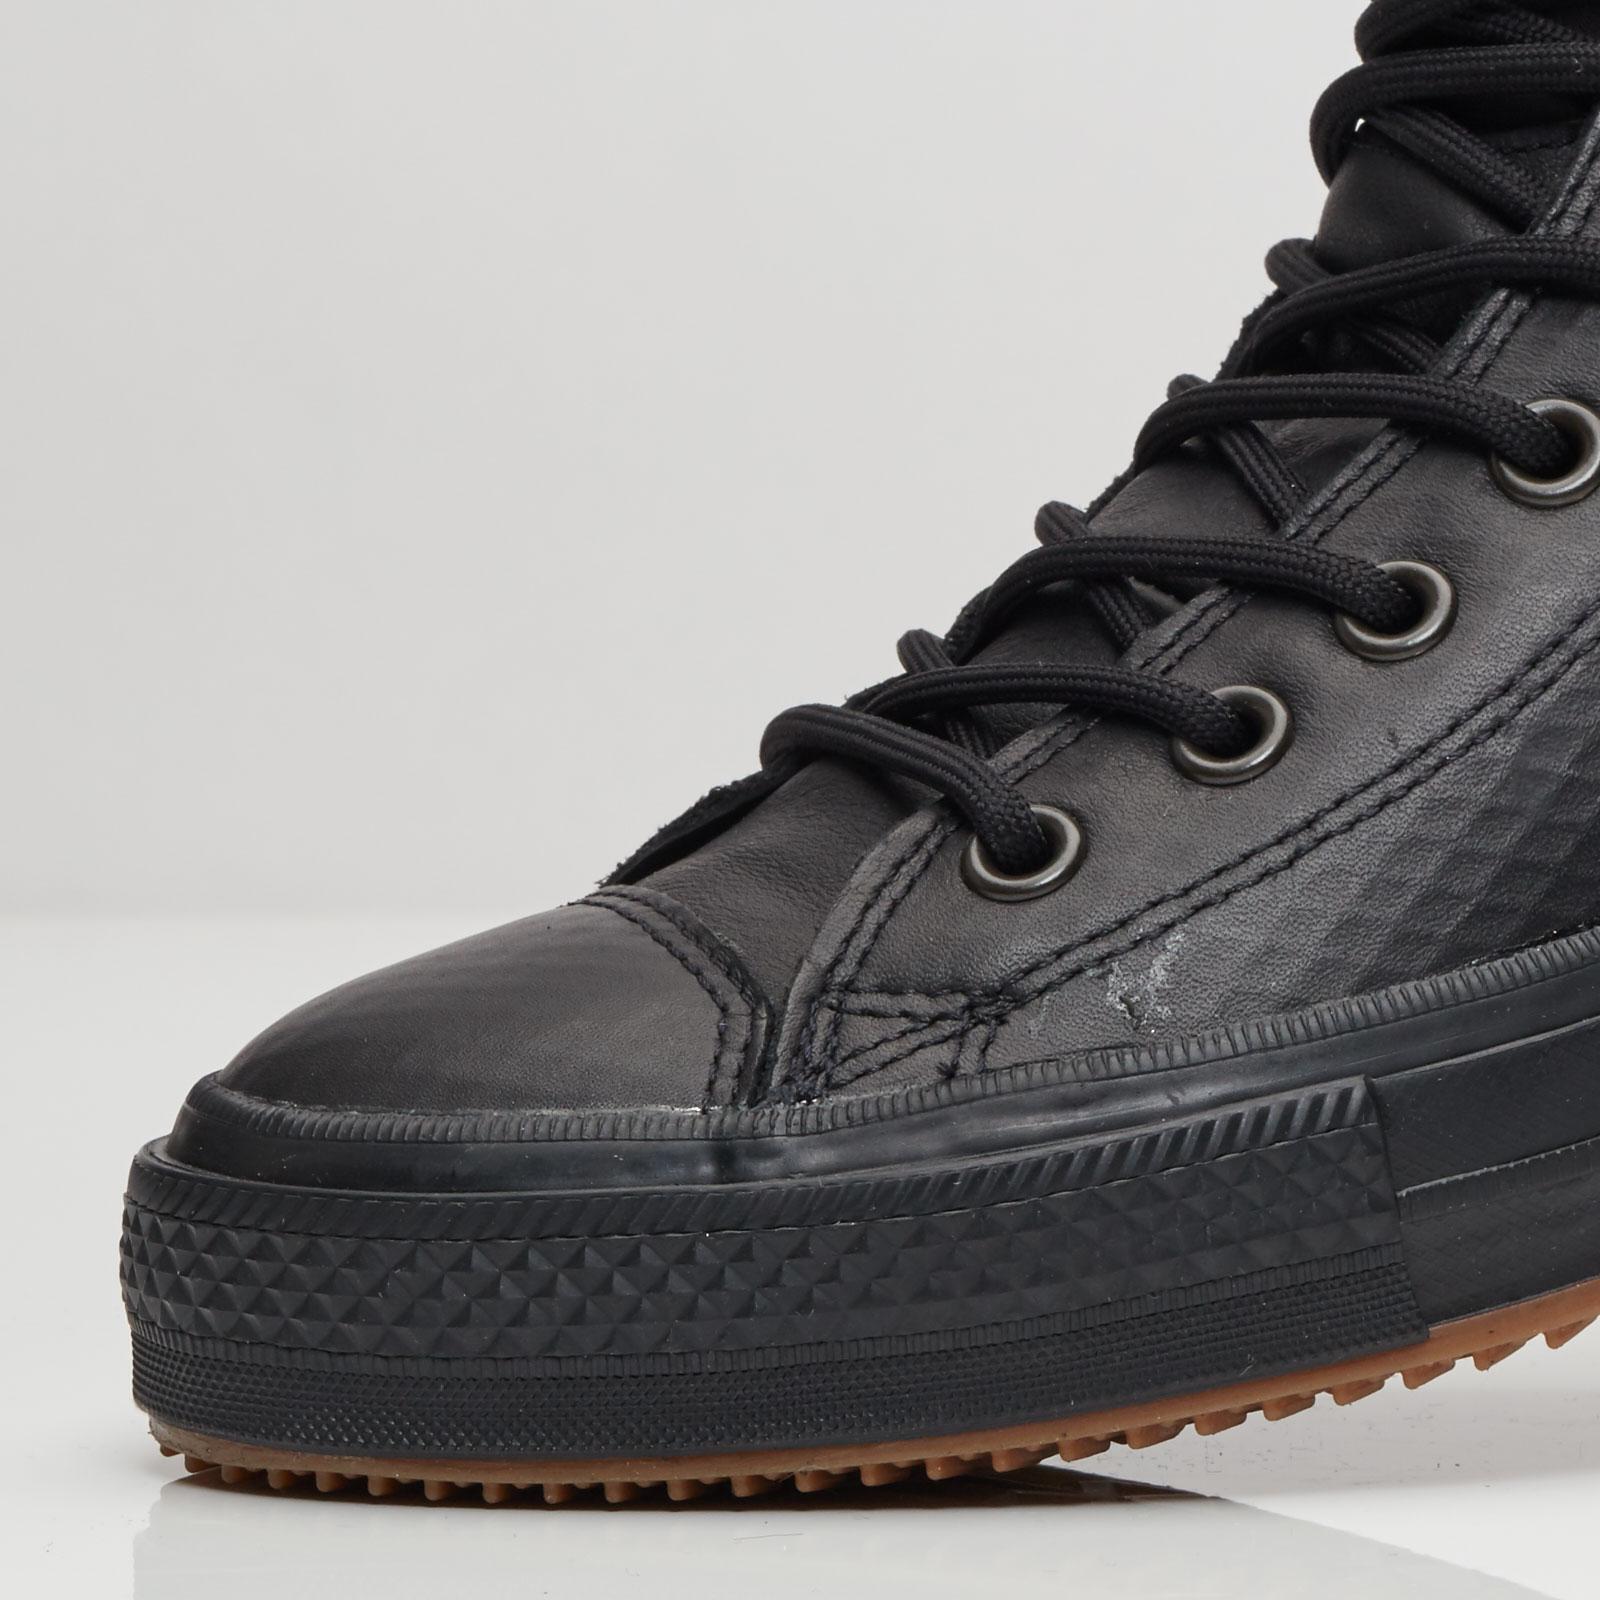 74fd780147d Converse Chuck Taylor All Star II Boot Hi - 153571c - Sneakersnstuff ...